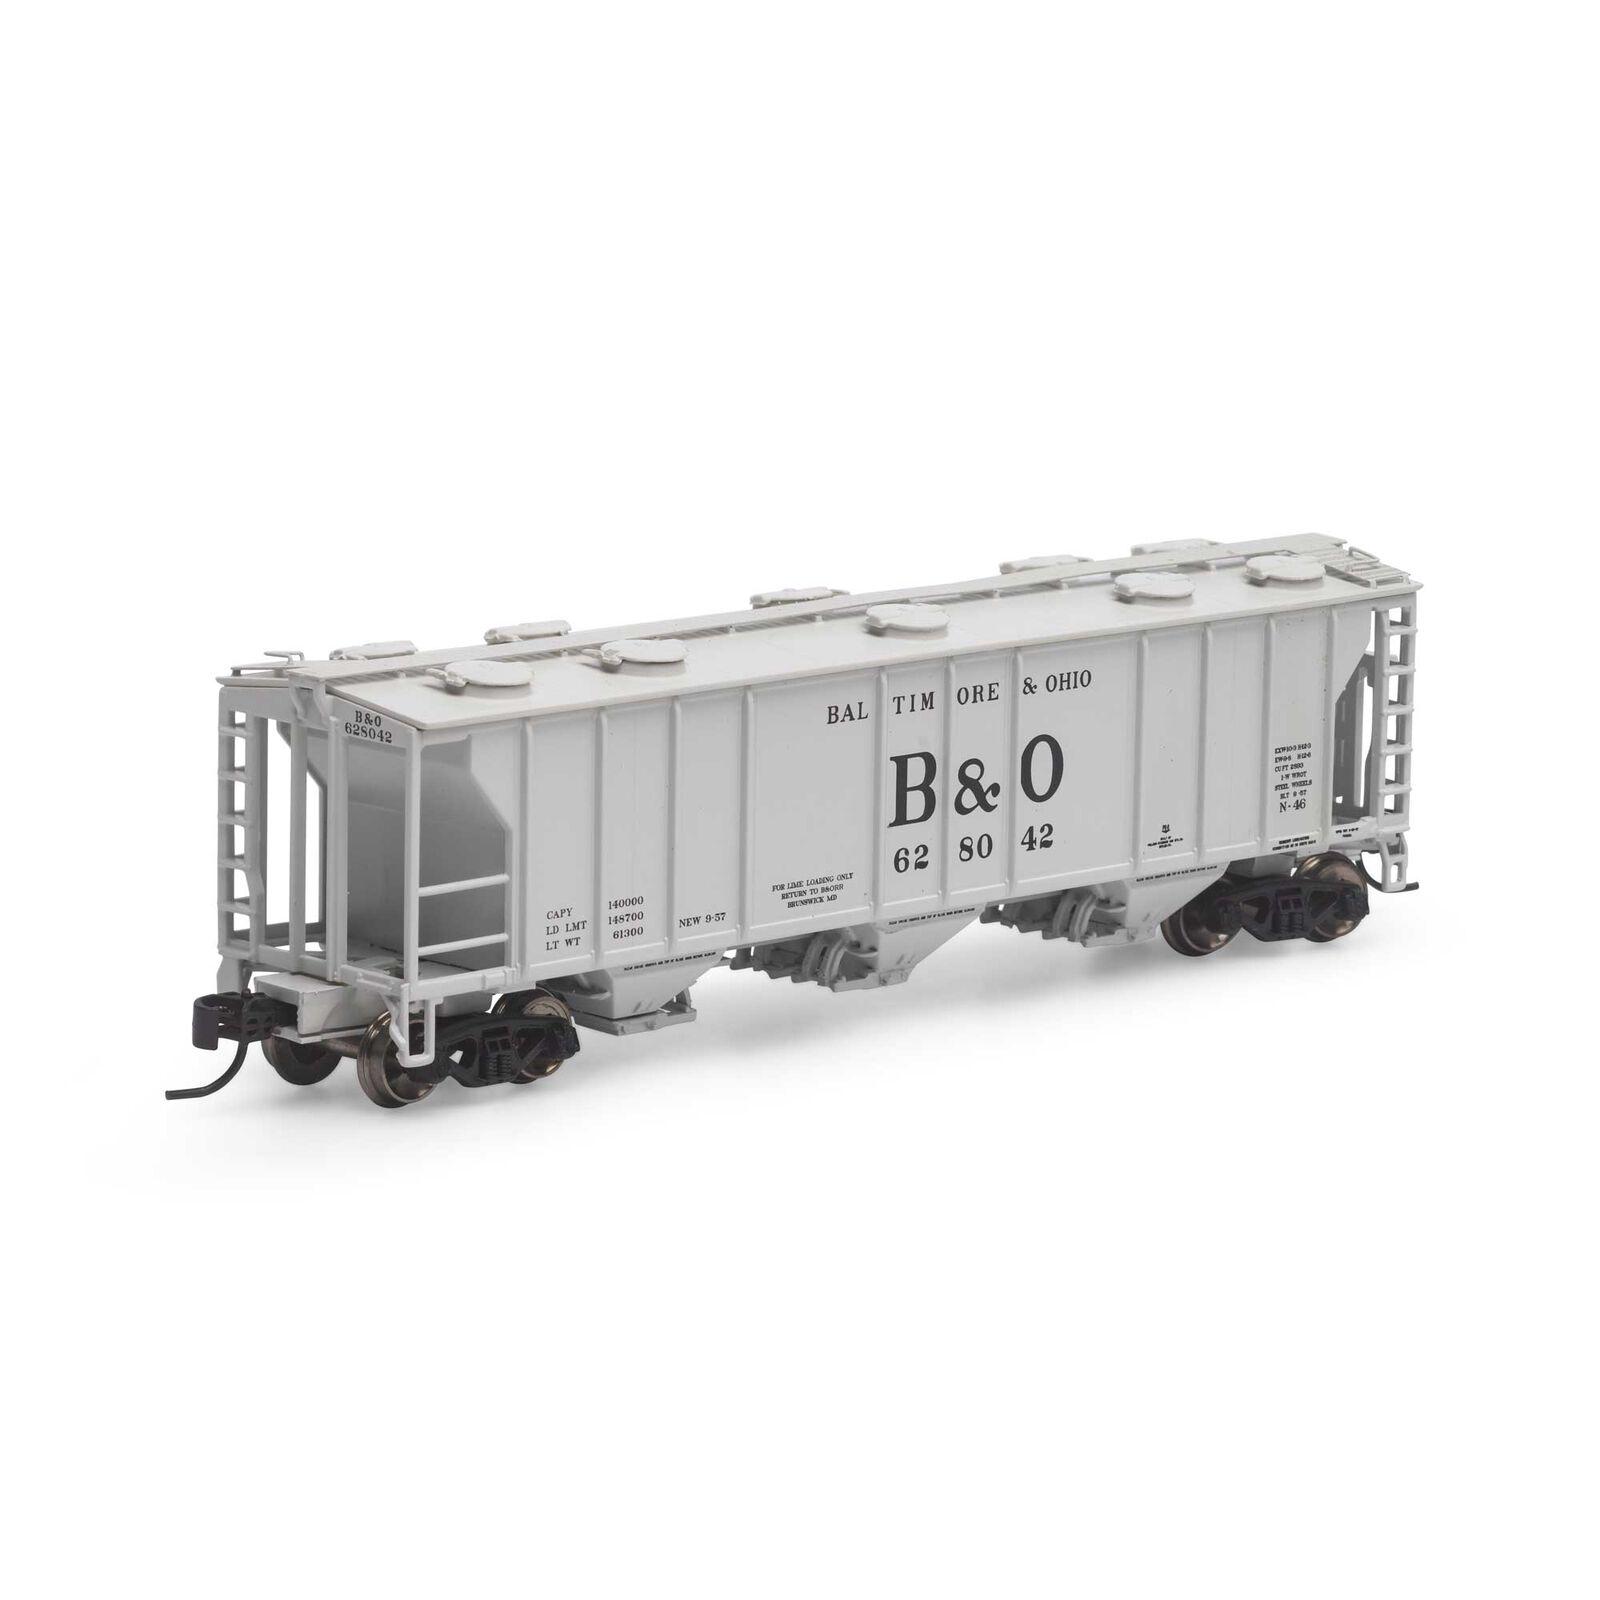 N PS-2 2893 3-Bay Covered Hopper, B&O #628042